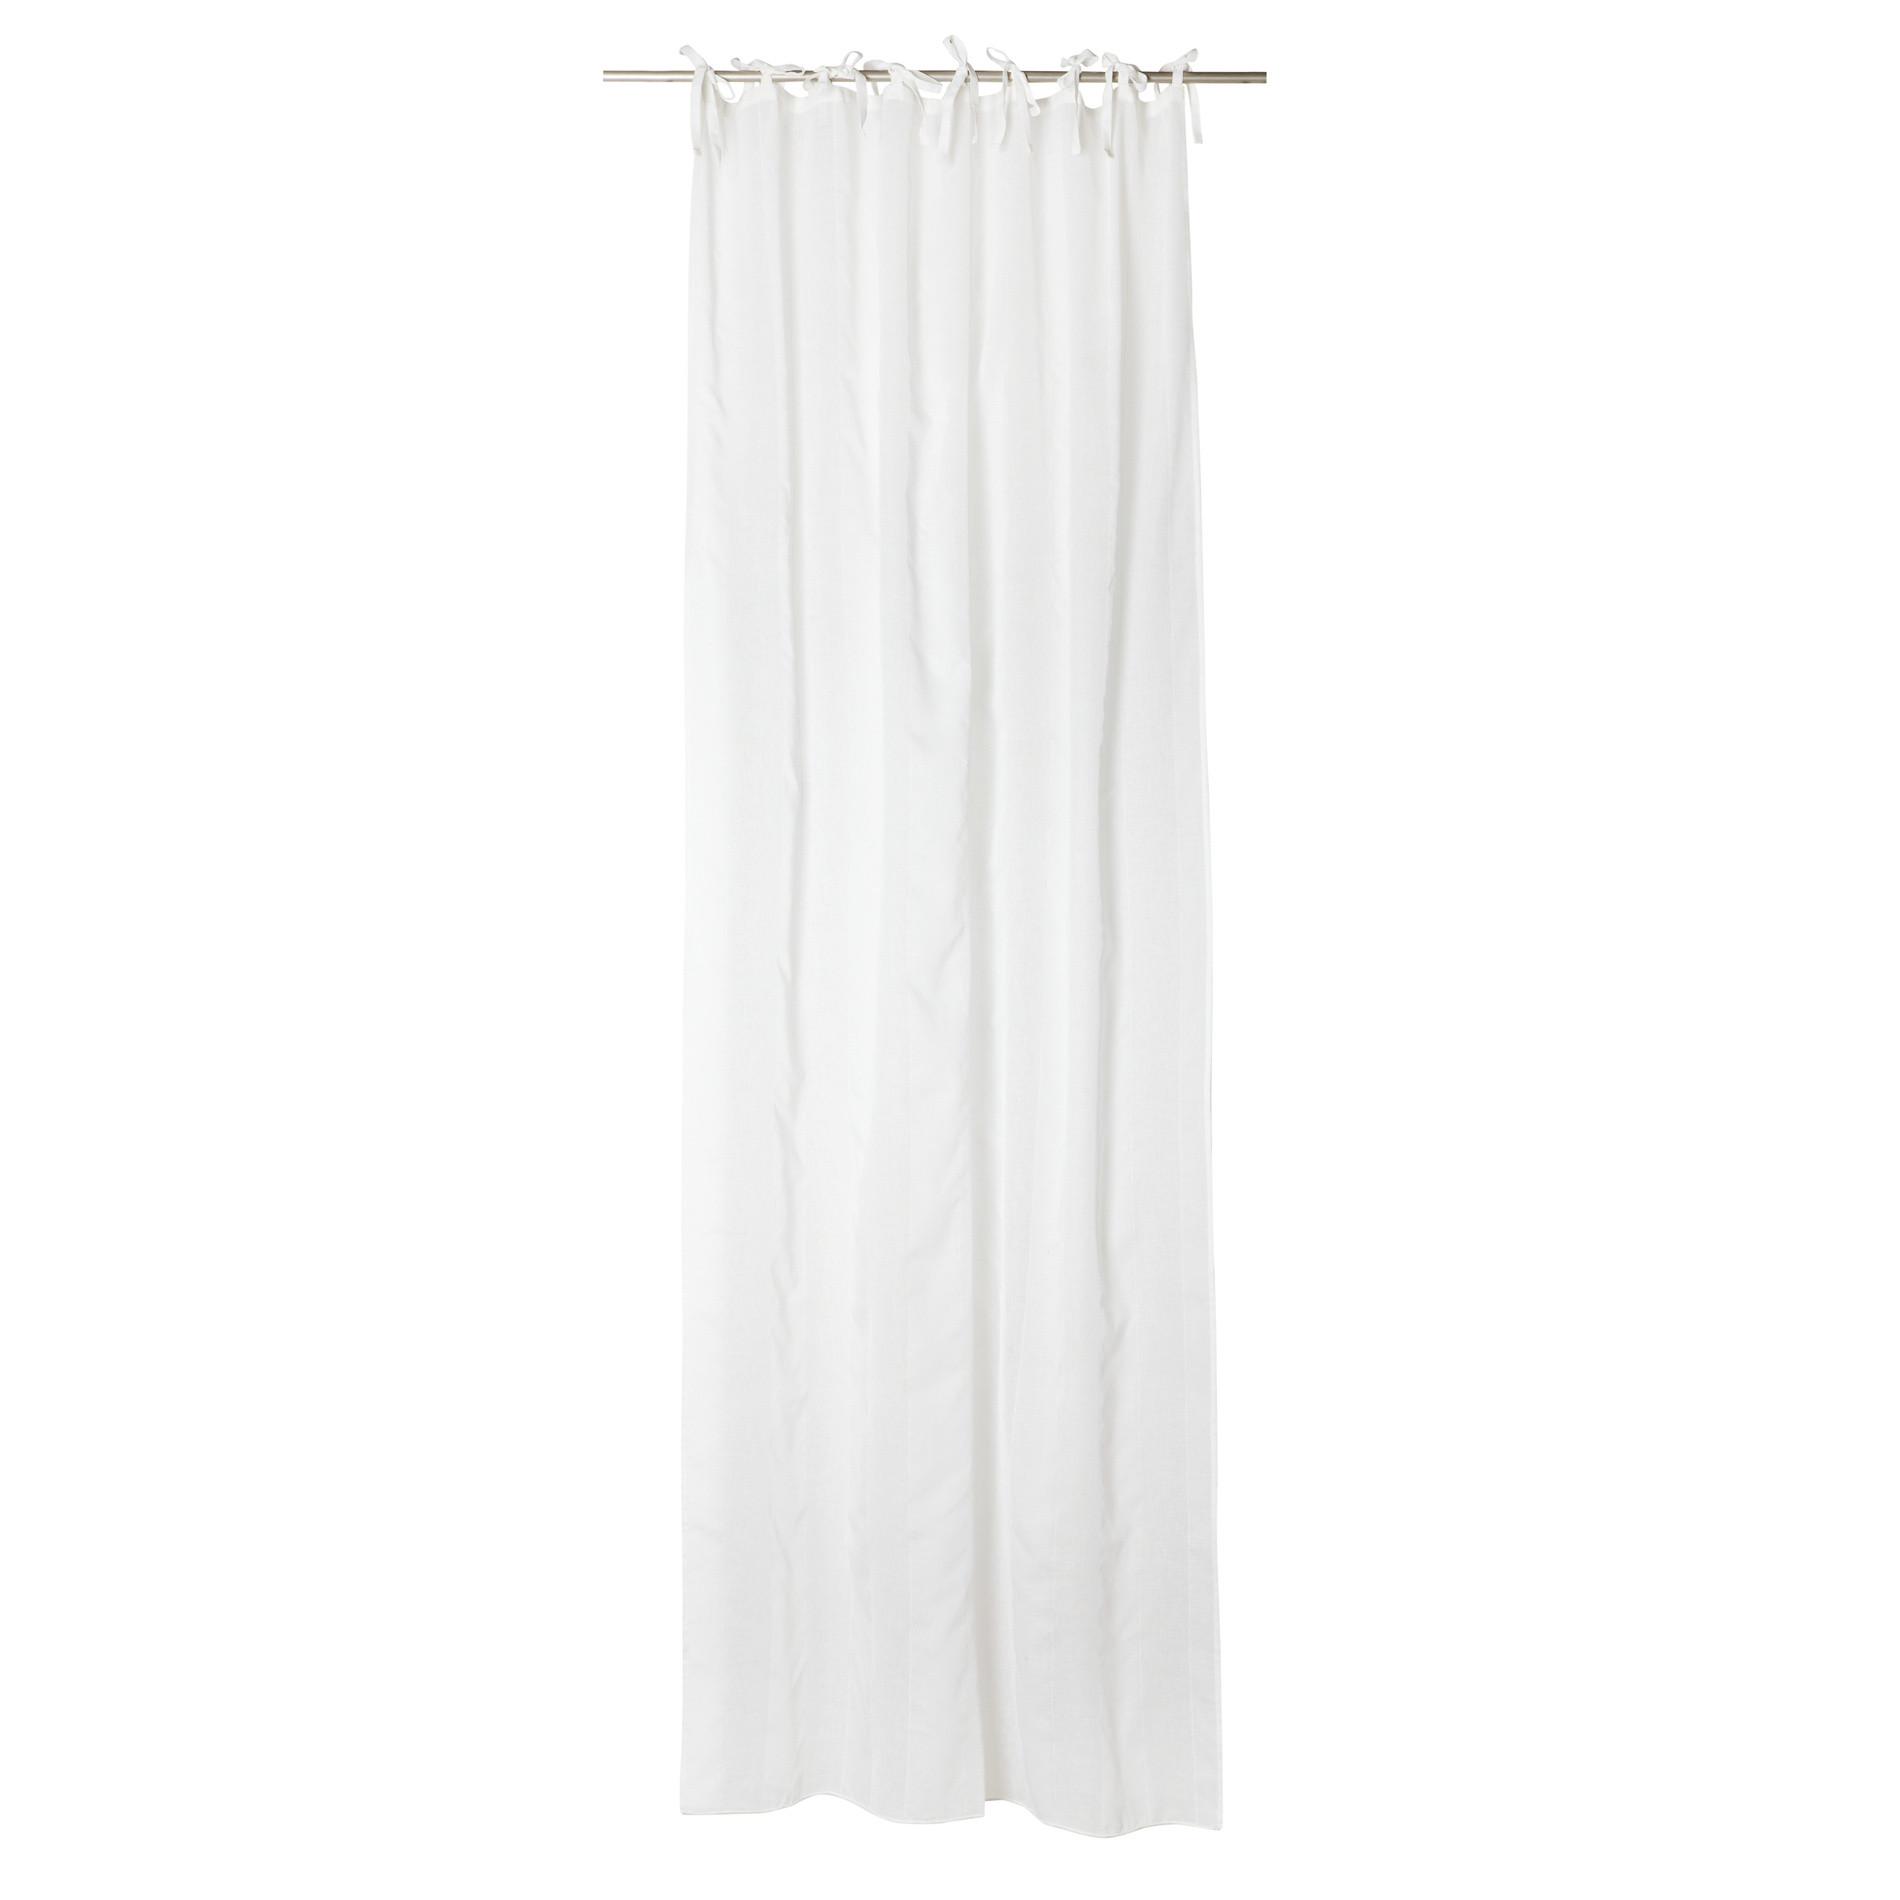 Tenda strisce verticali, Bianco, large image number 1